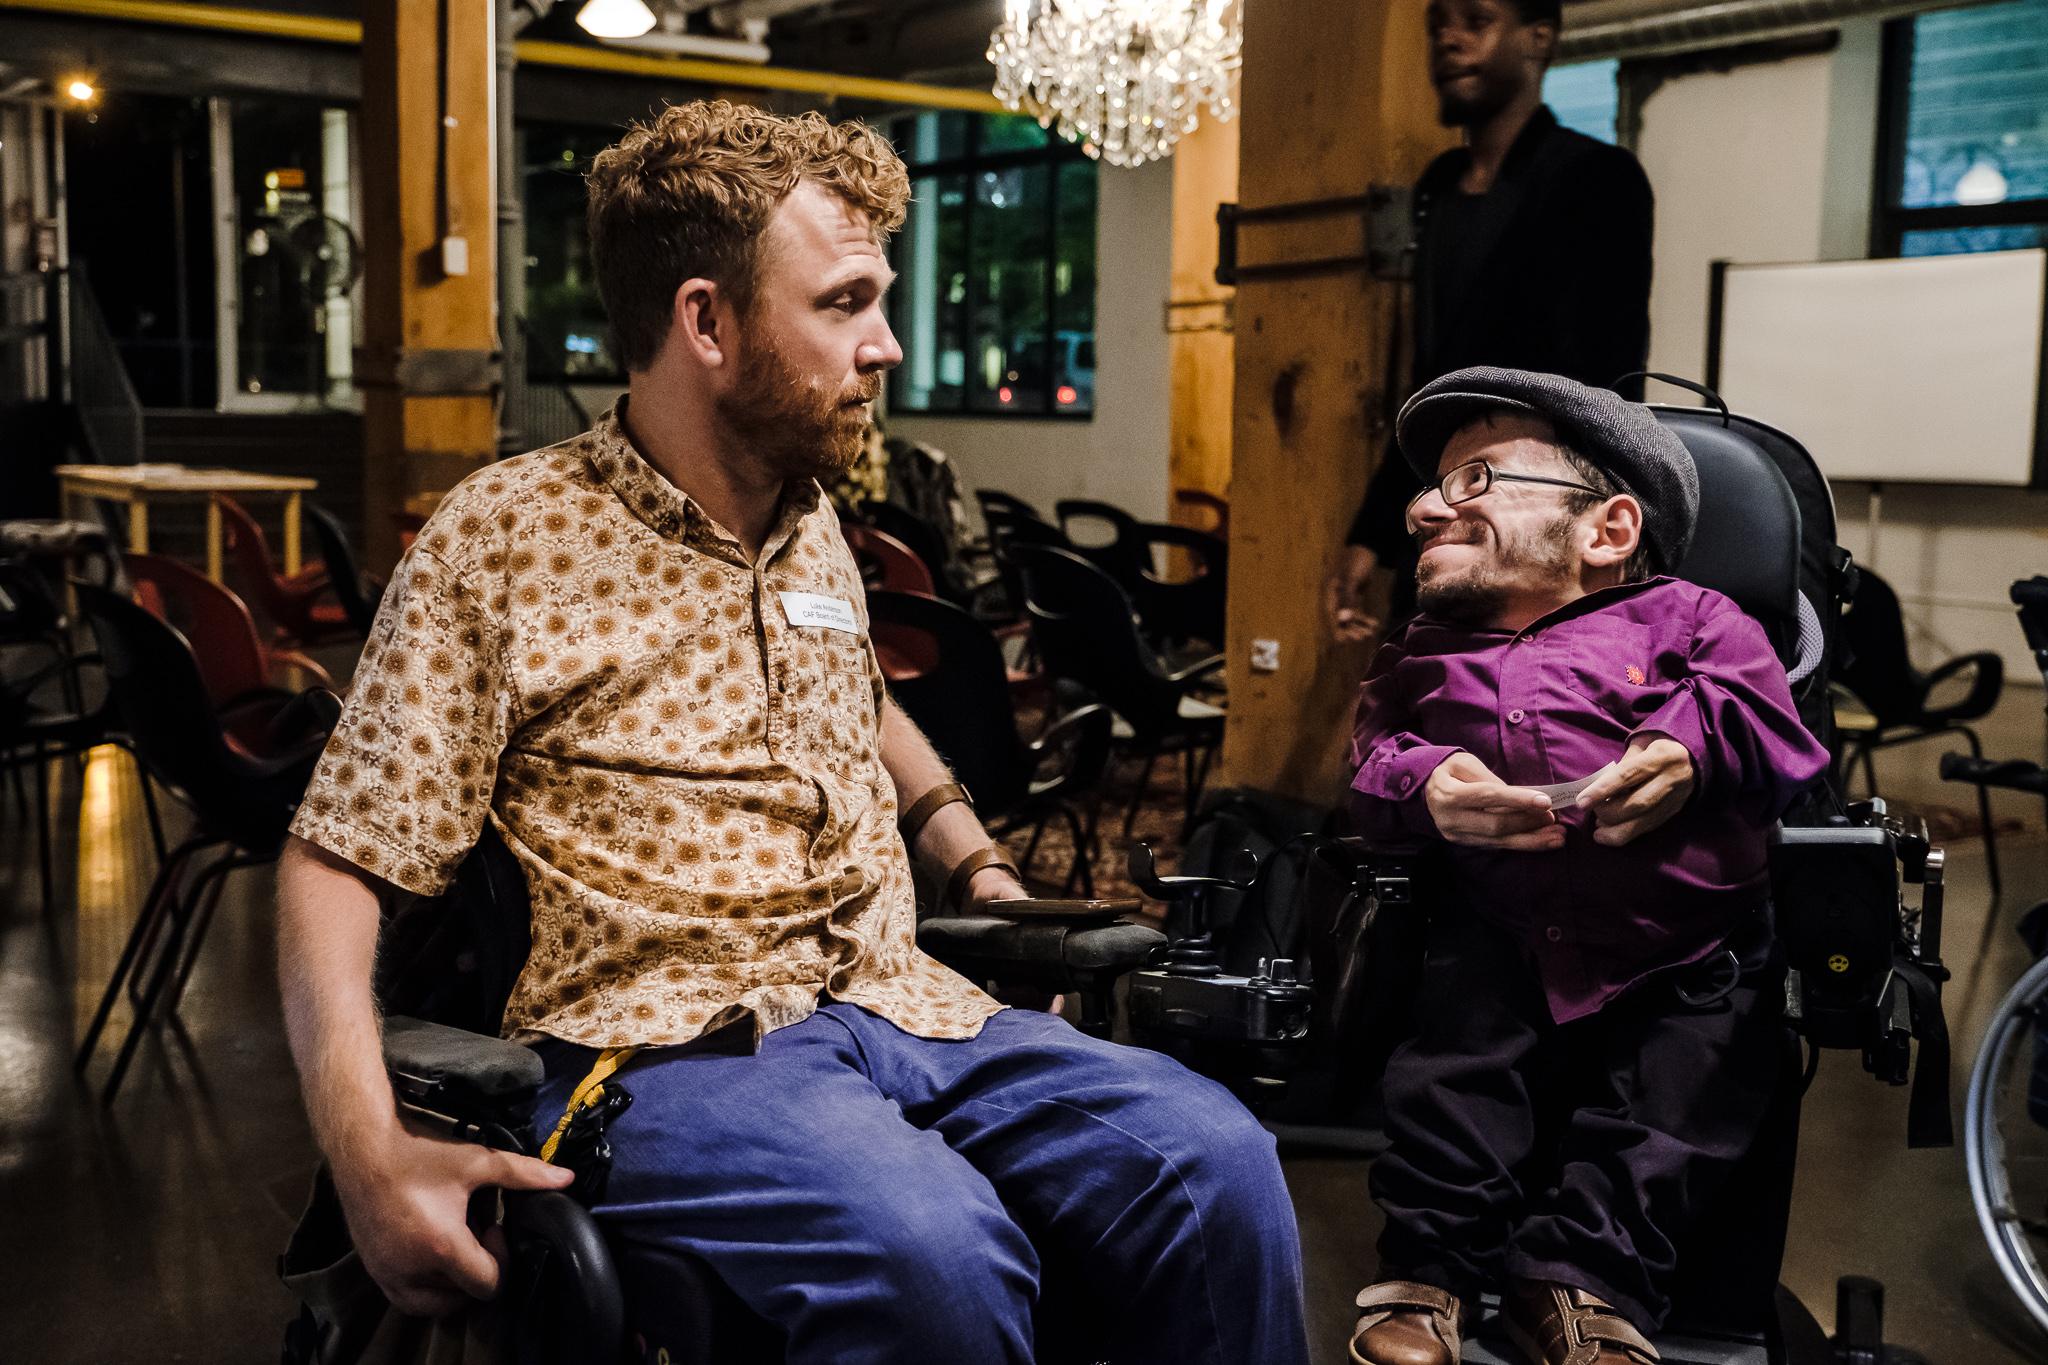 Luke Anderson und Raul Krauthausen unterhalten sich. Beide sitzen im Rollstuhl.